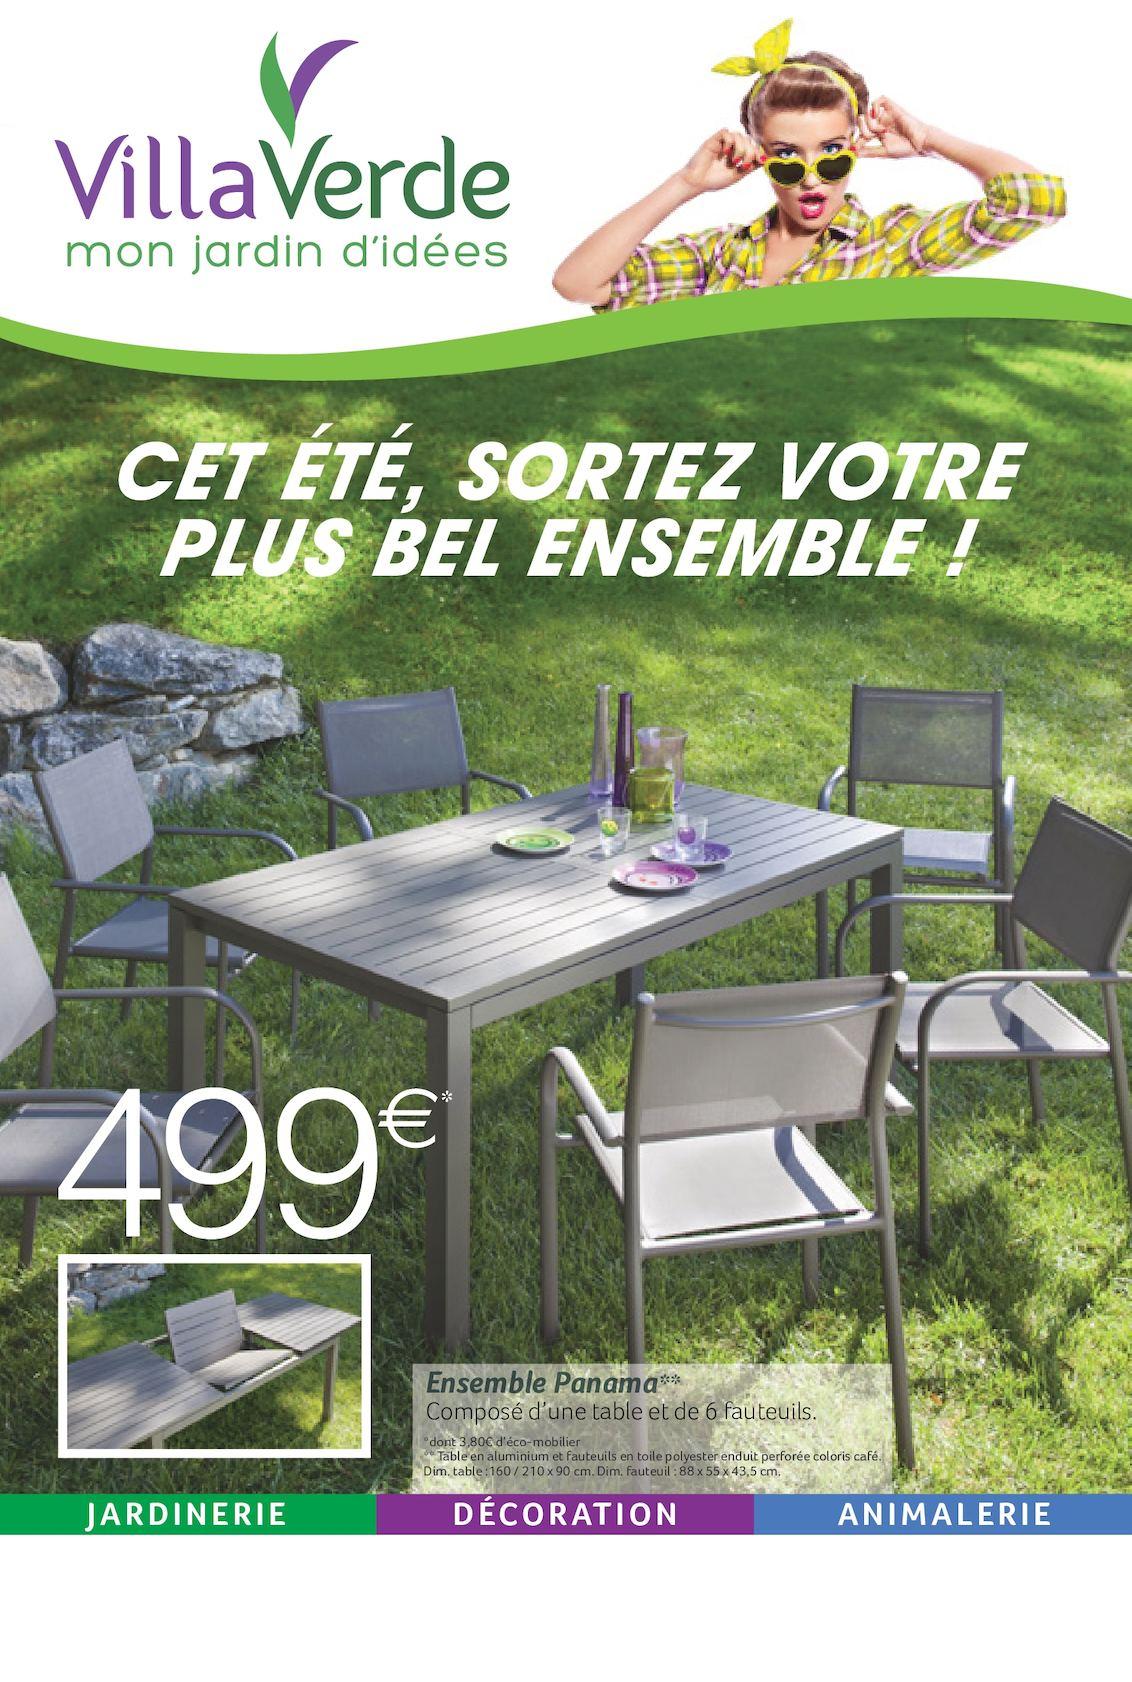 Vv Ete1 Depliant 8P Mobilier Jardin - Calameo Downloader pour Mon Mobilier De Jardin